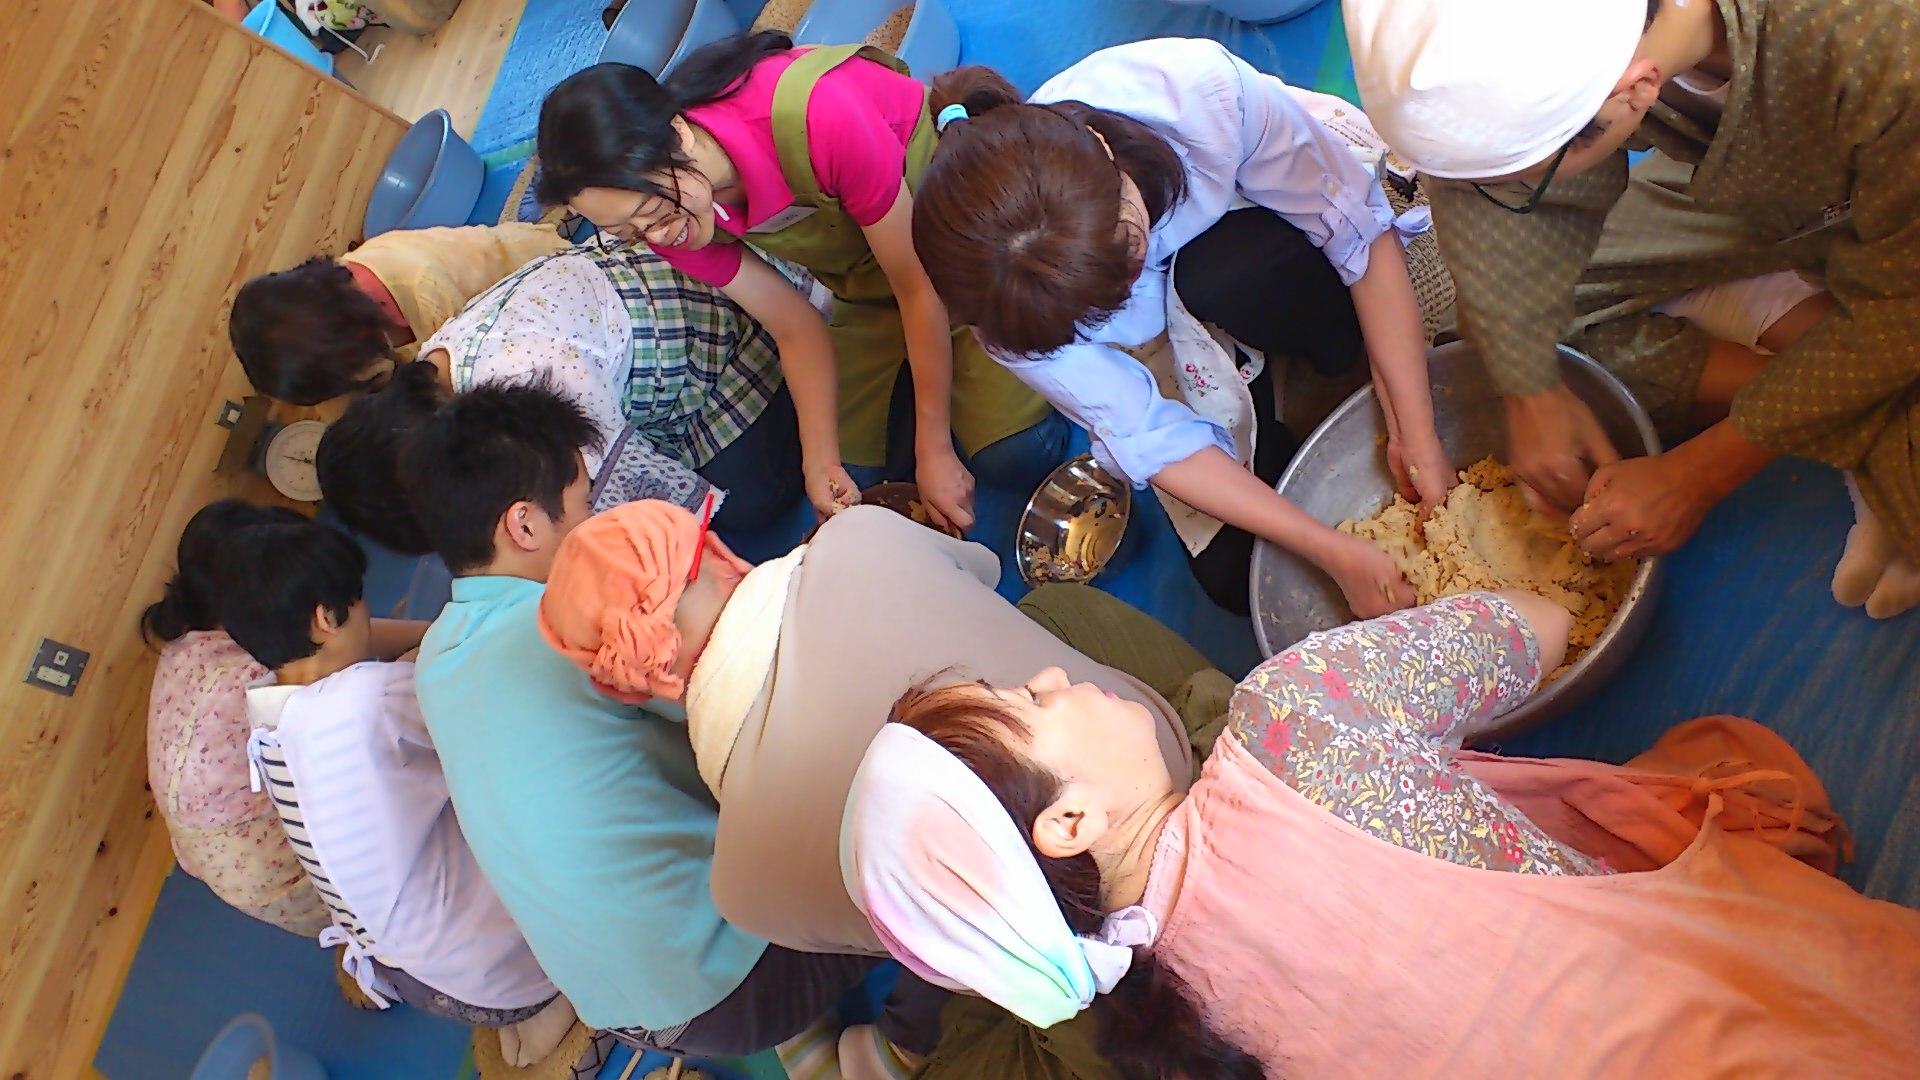 津久井在来大豆の味噌作り@国産材工房稲葉屋